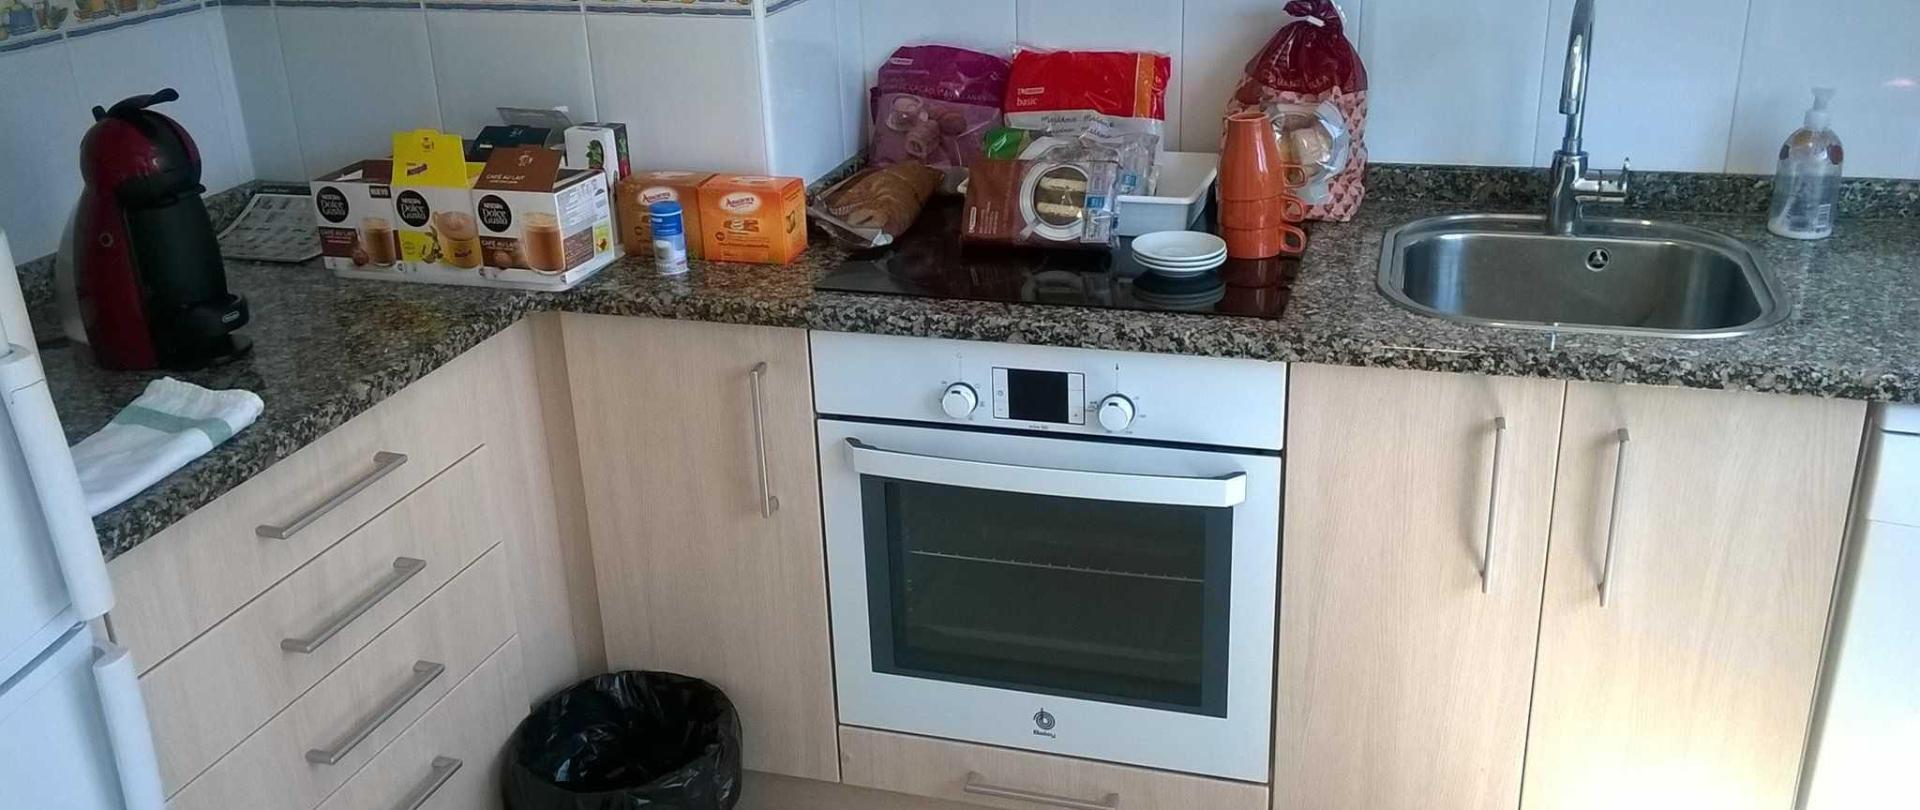 auto-servicio-desayuno-una-capsula-y-bolleria-gratis-1.jpg